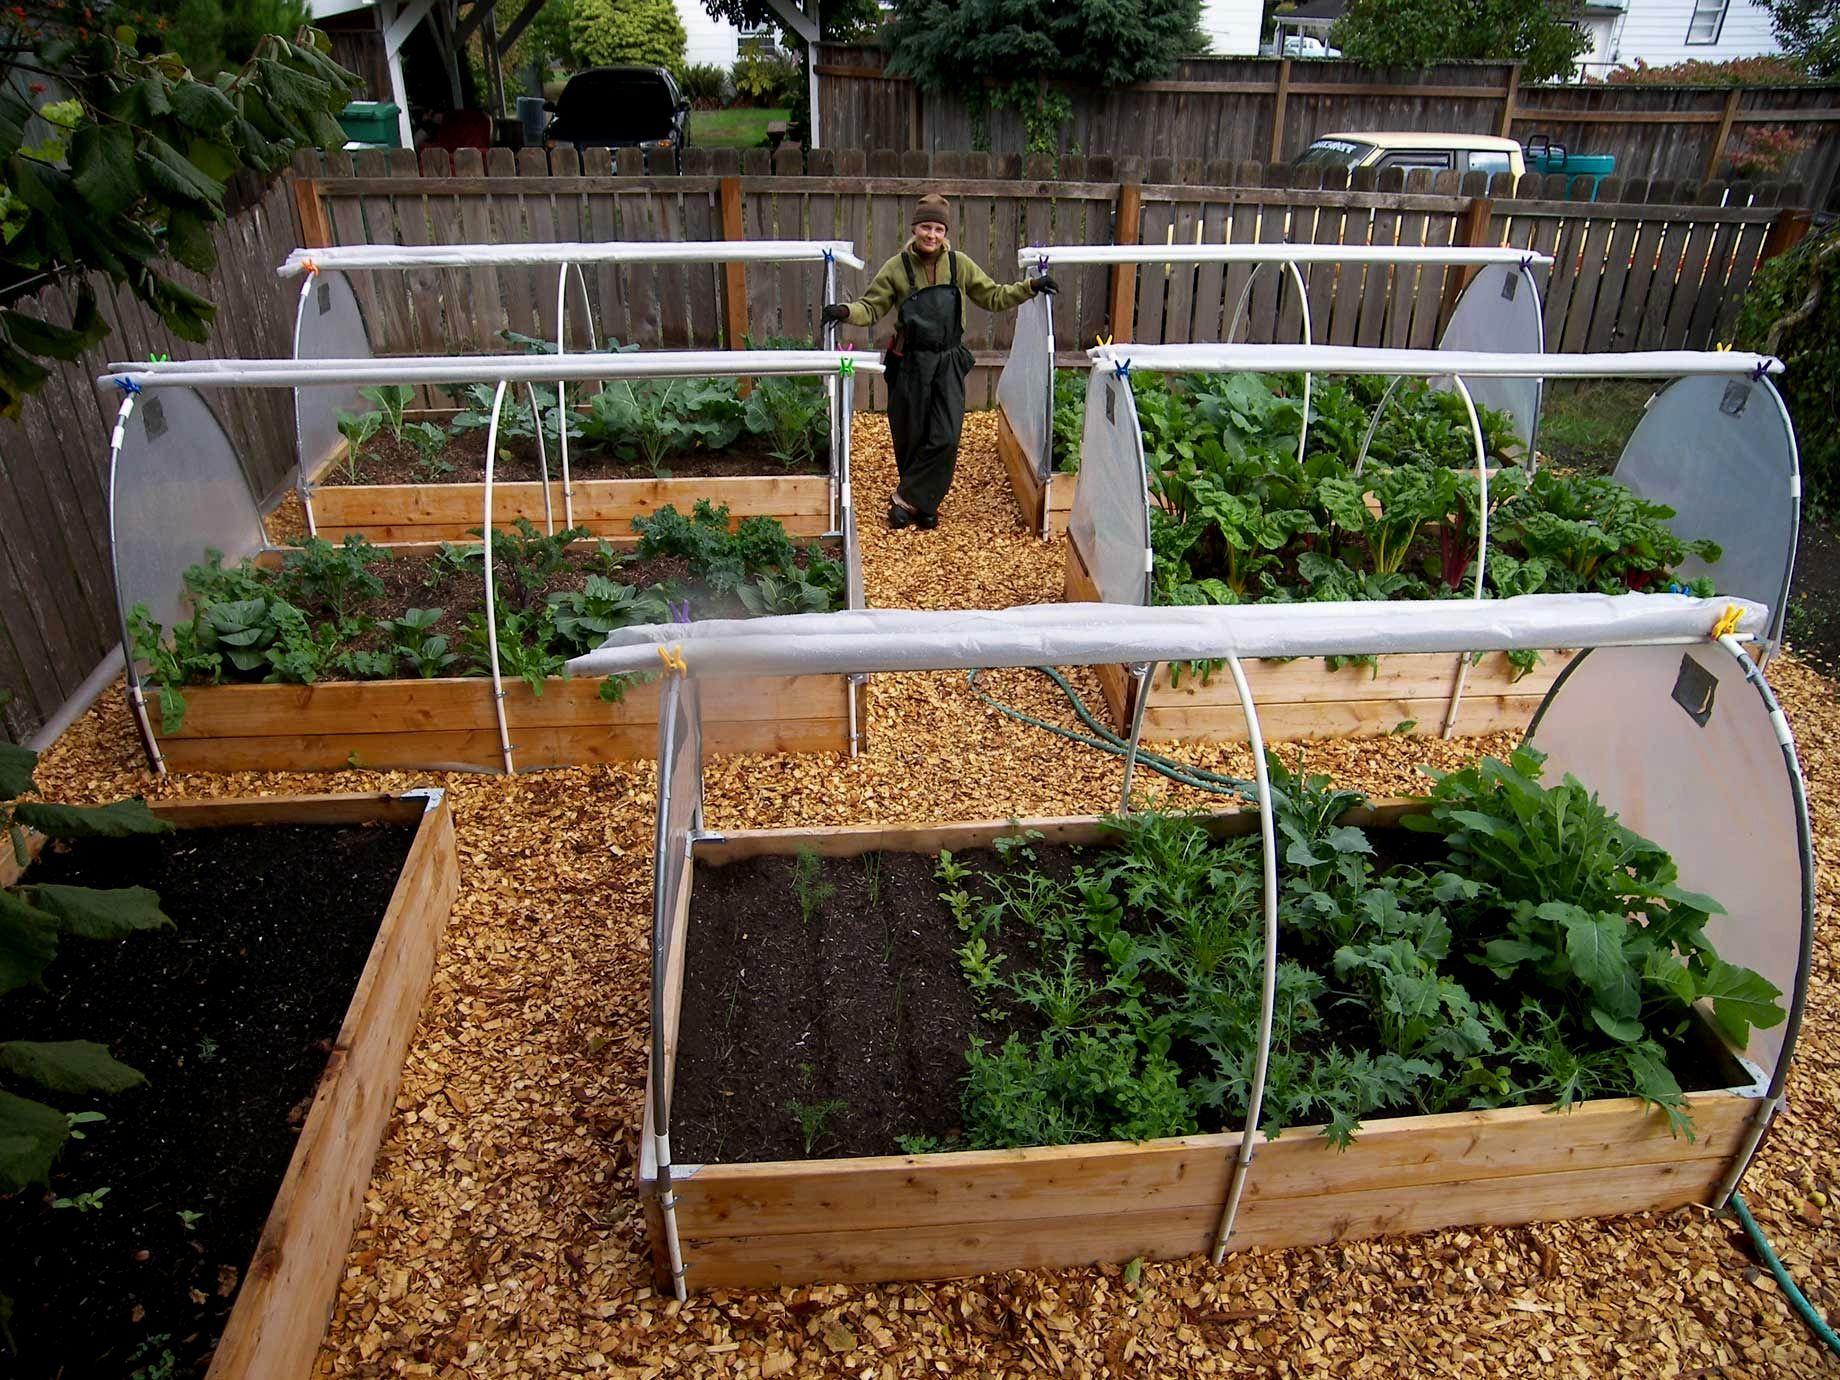 Kasteel voor vierkante moestuin | allotment | Pinterest | Gardens ...